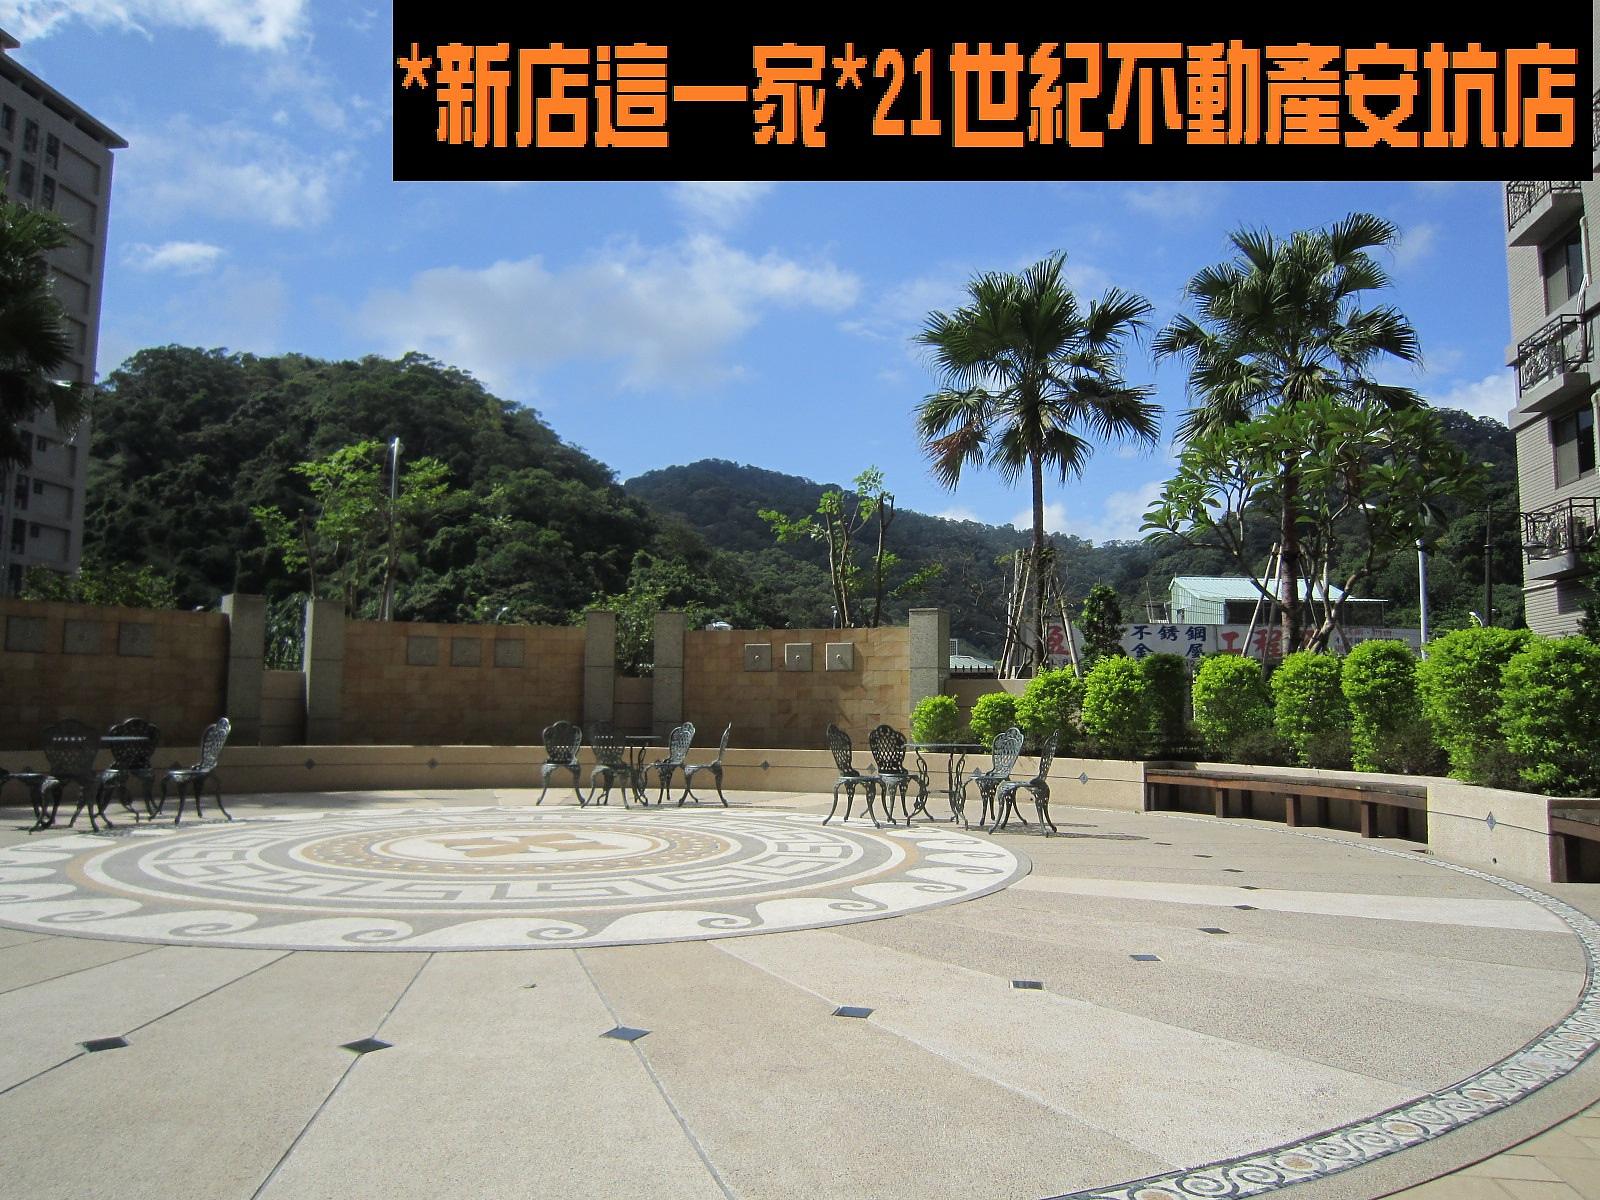 早安康橋-1.jpg